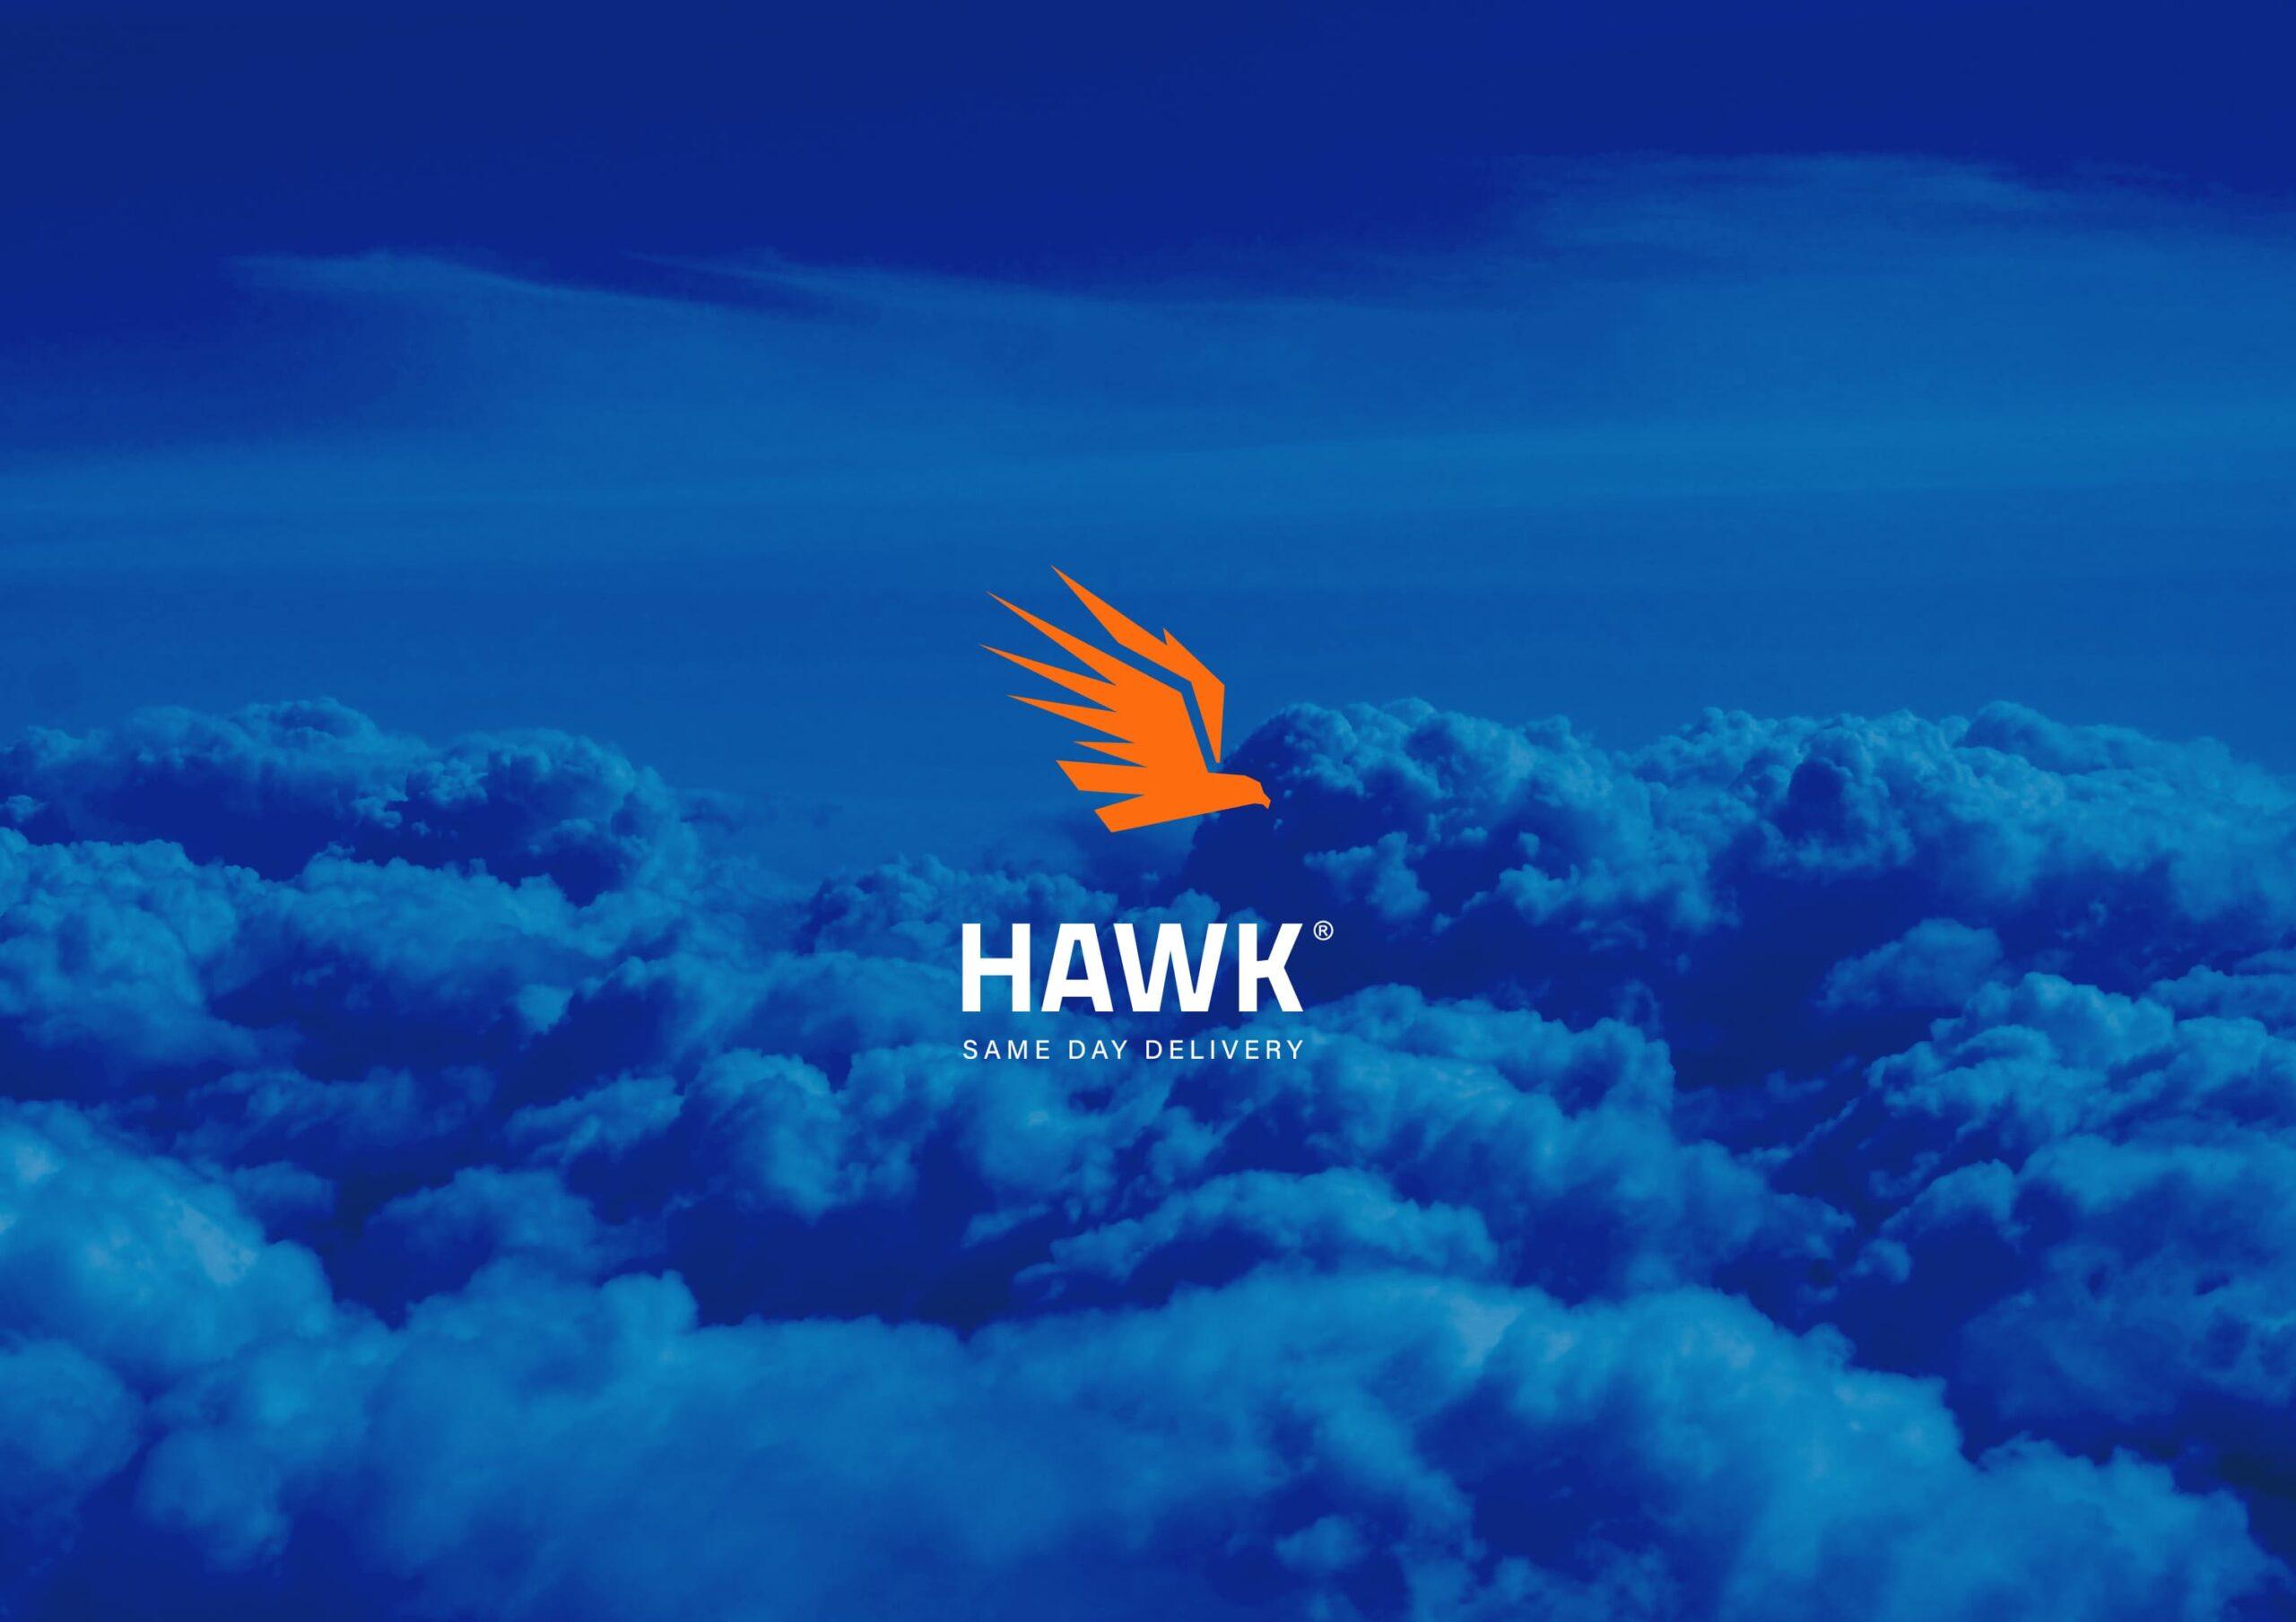 Hawk_website_AF